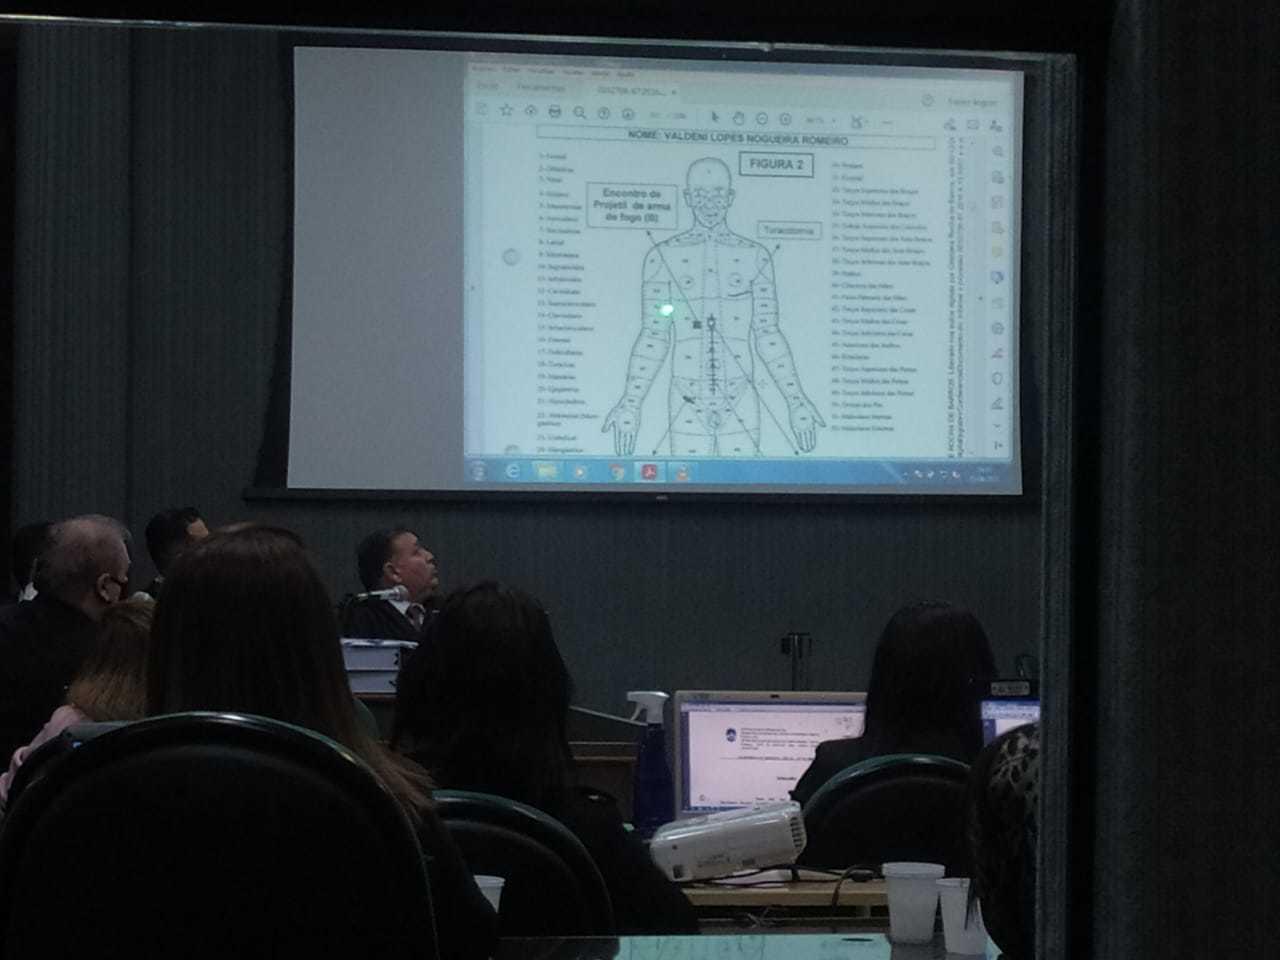 No painel, jurados podem ver localização dos tiros dados por PM em marido (Foto: Liniker Ribeiro)